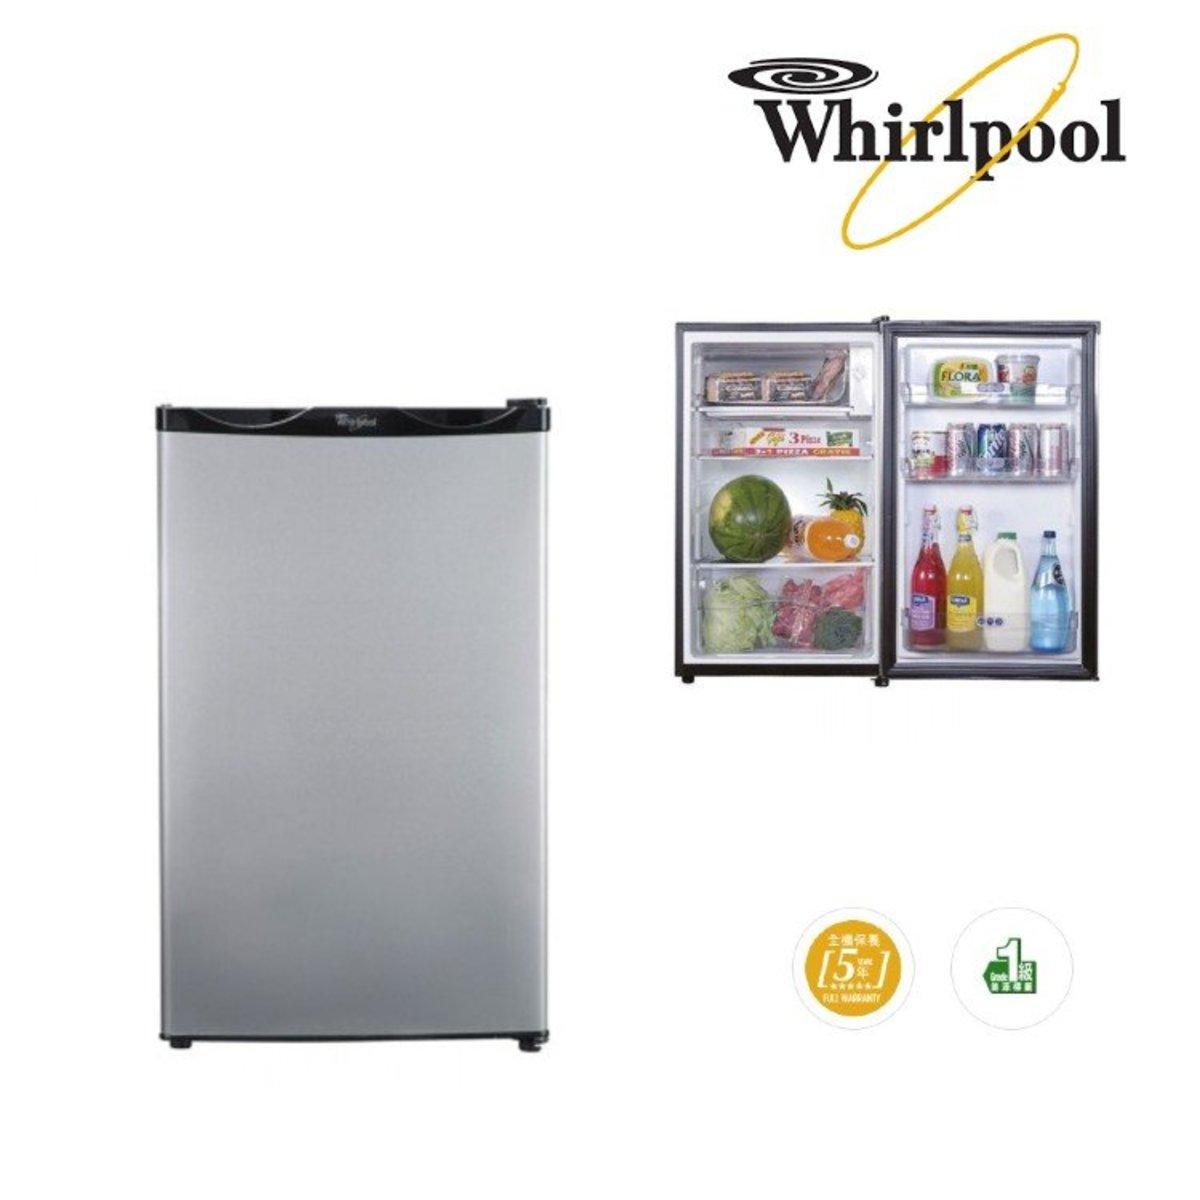 Single Door Refrigerator 112L (WF1D111LIX) Left-hinge model